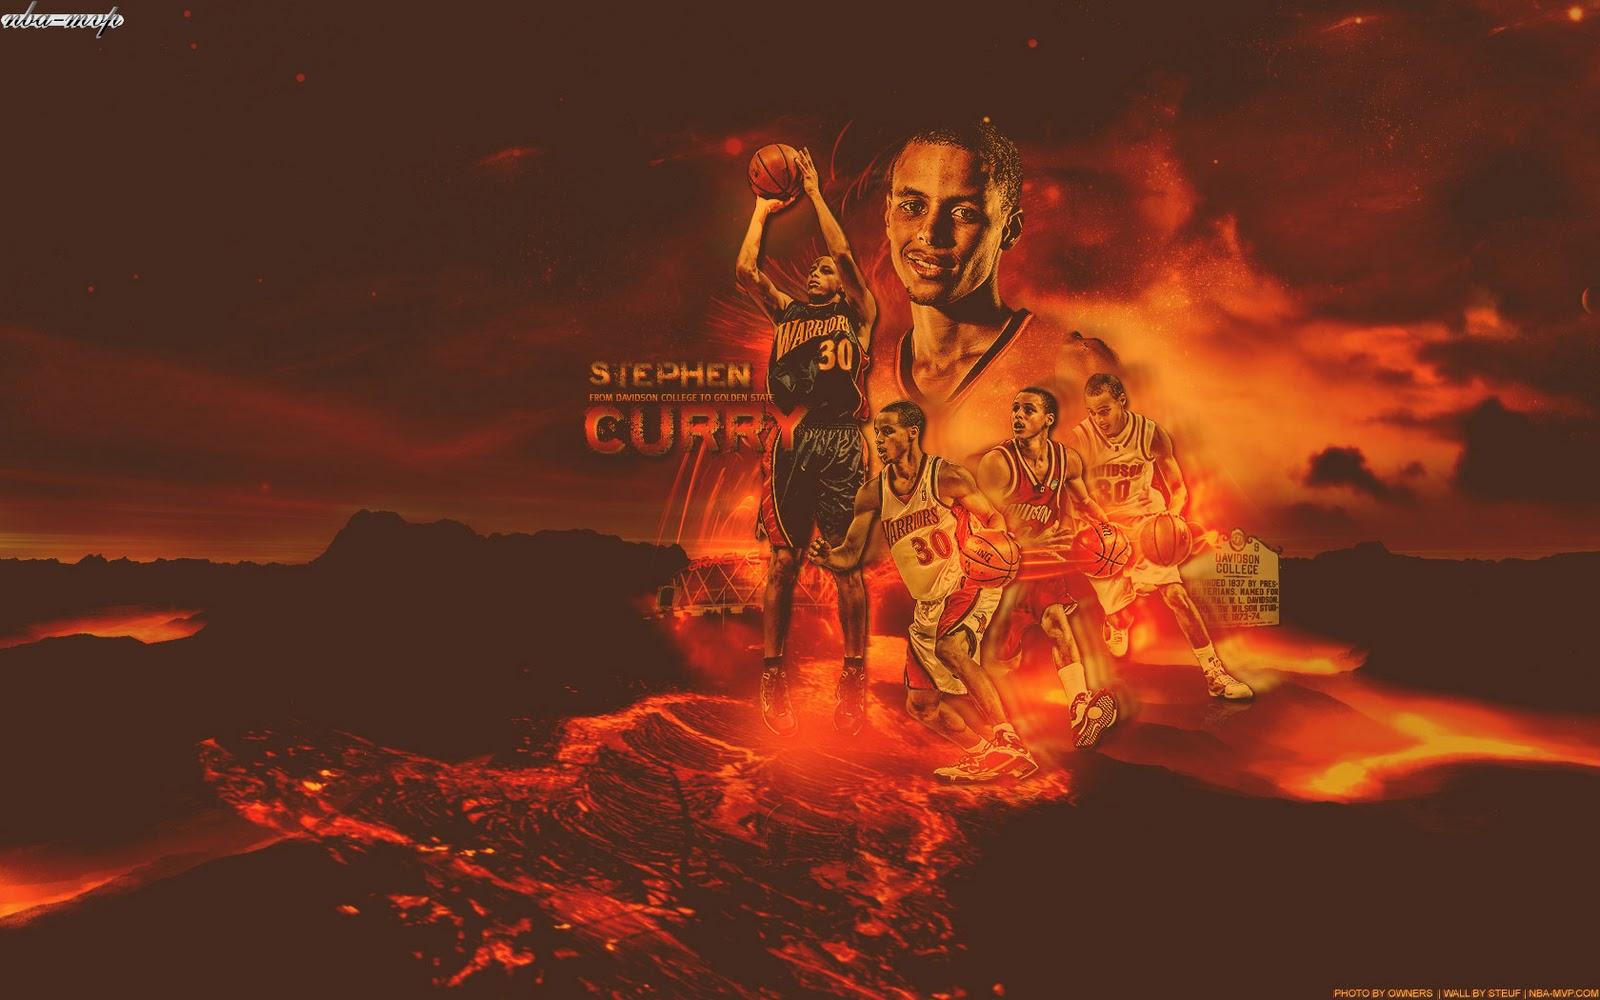 Stephen Curry Vs Seth Curry myideasbedroomcom 1600x1000